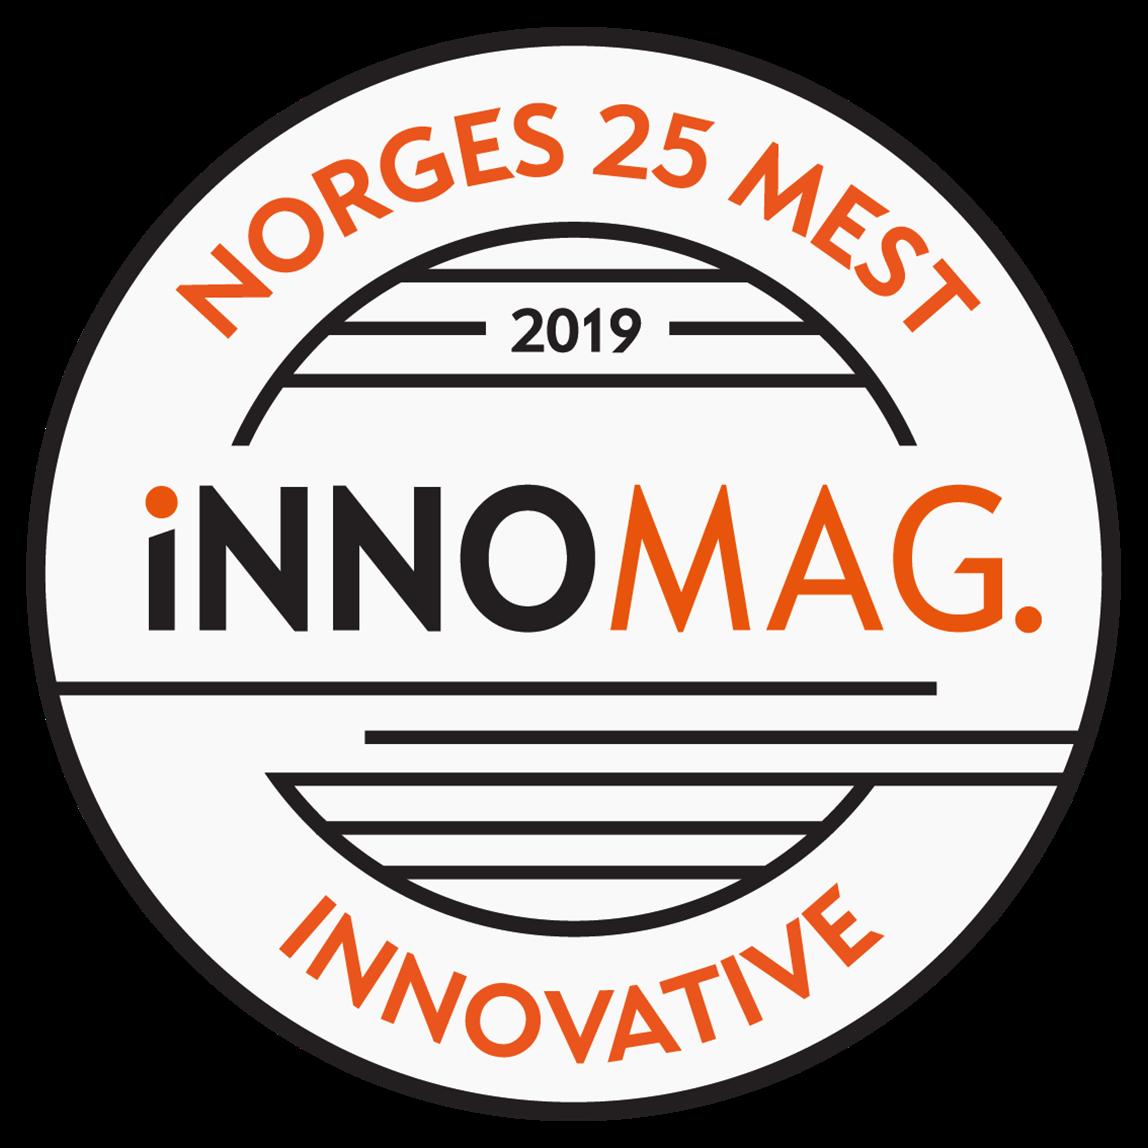 Itera kåret til en av Norges mest innovative virksomheter for fjerde år på rad